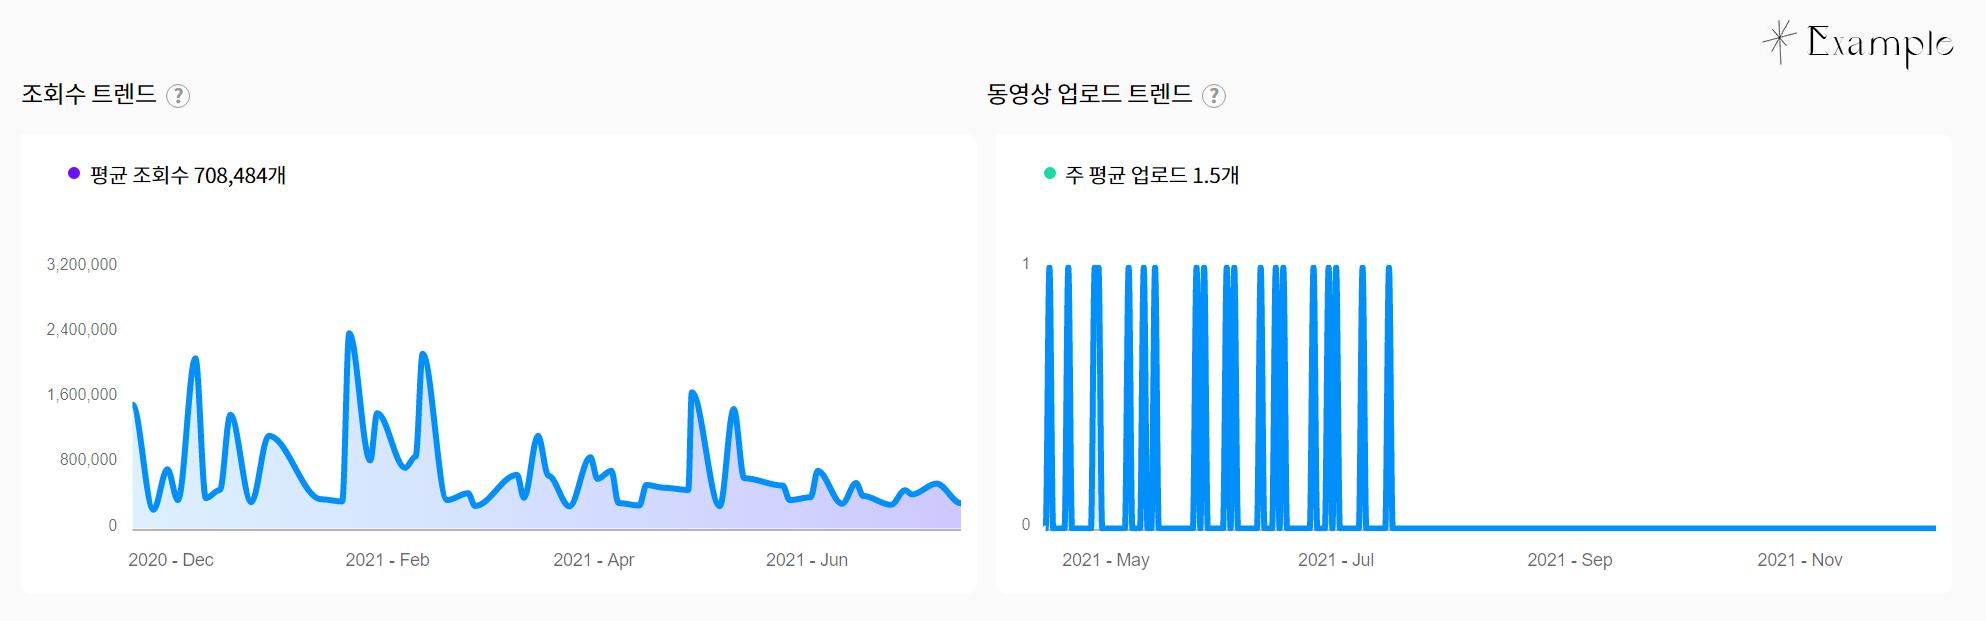 유튜브 리포트 - 조회수 트렌드 및 동영상 업로드 트렌드